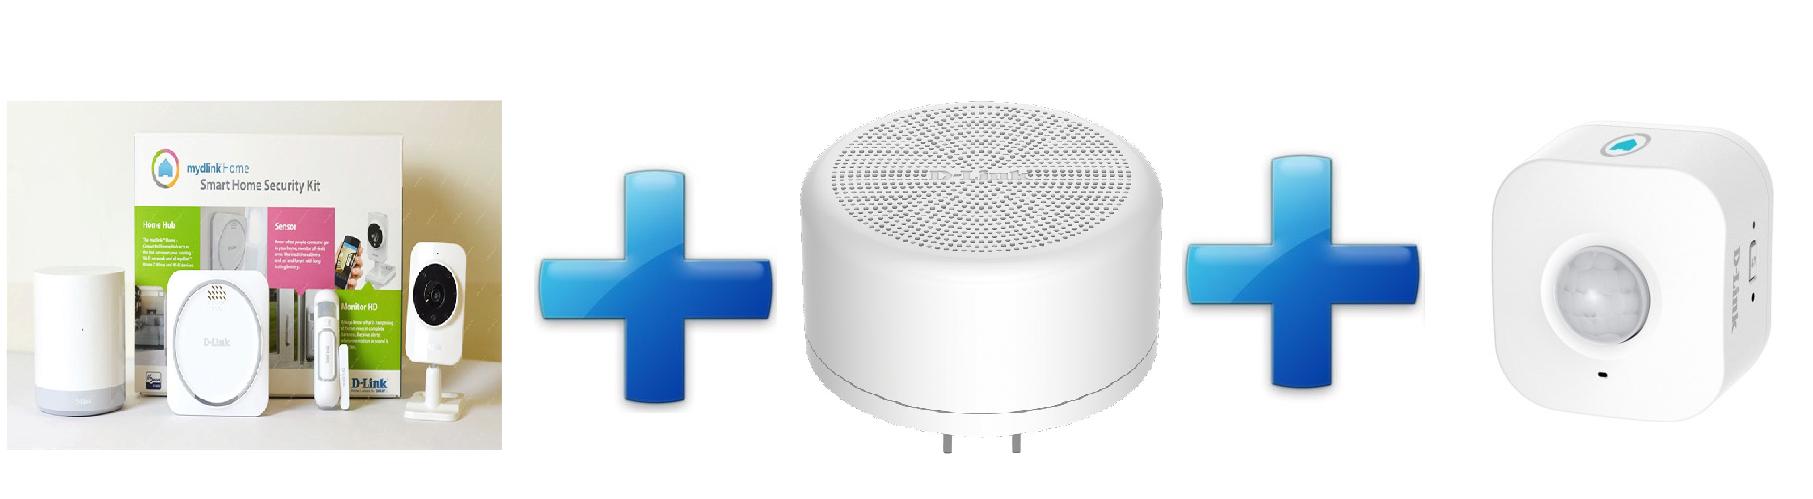 D-Link Bundle Home Security Starter Kit+Home Siren+Wi-Fi Motion Sensor